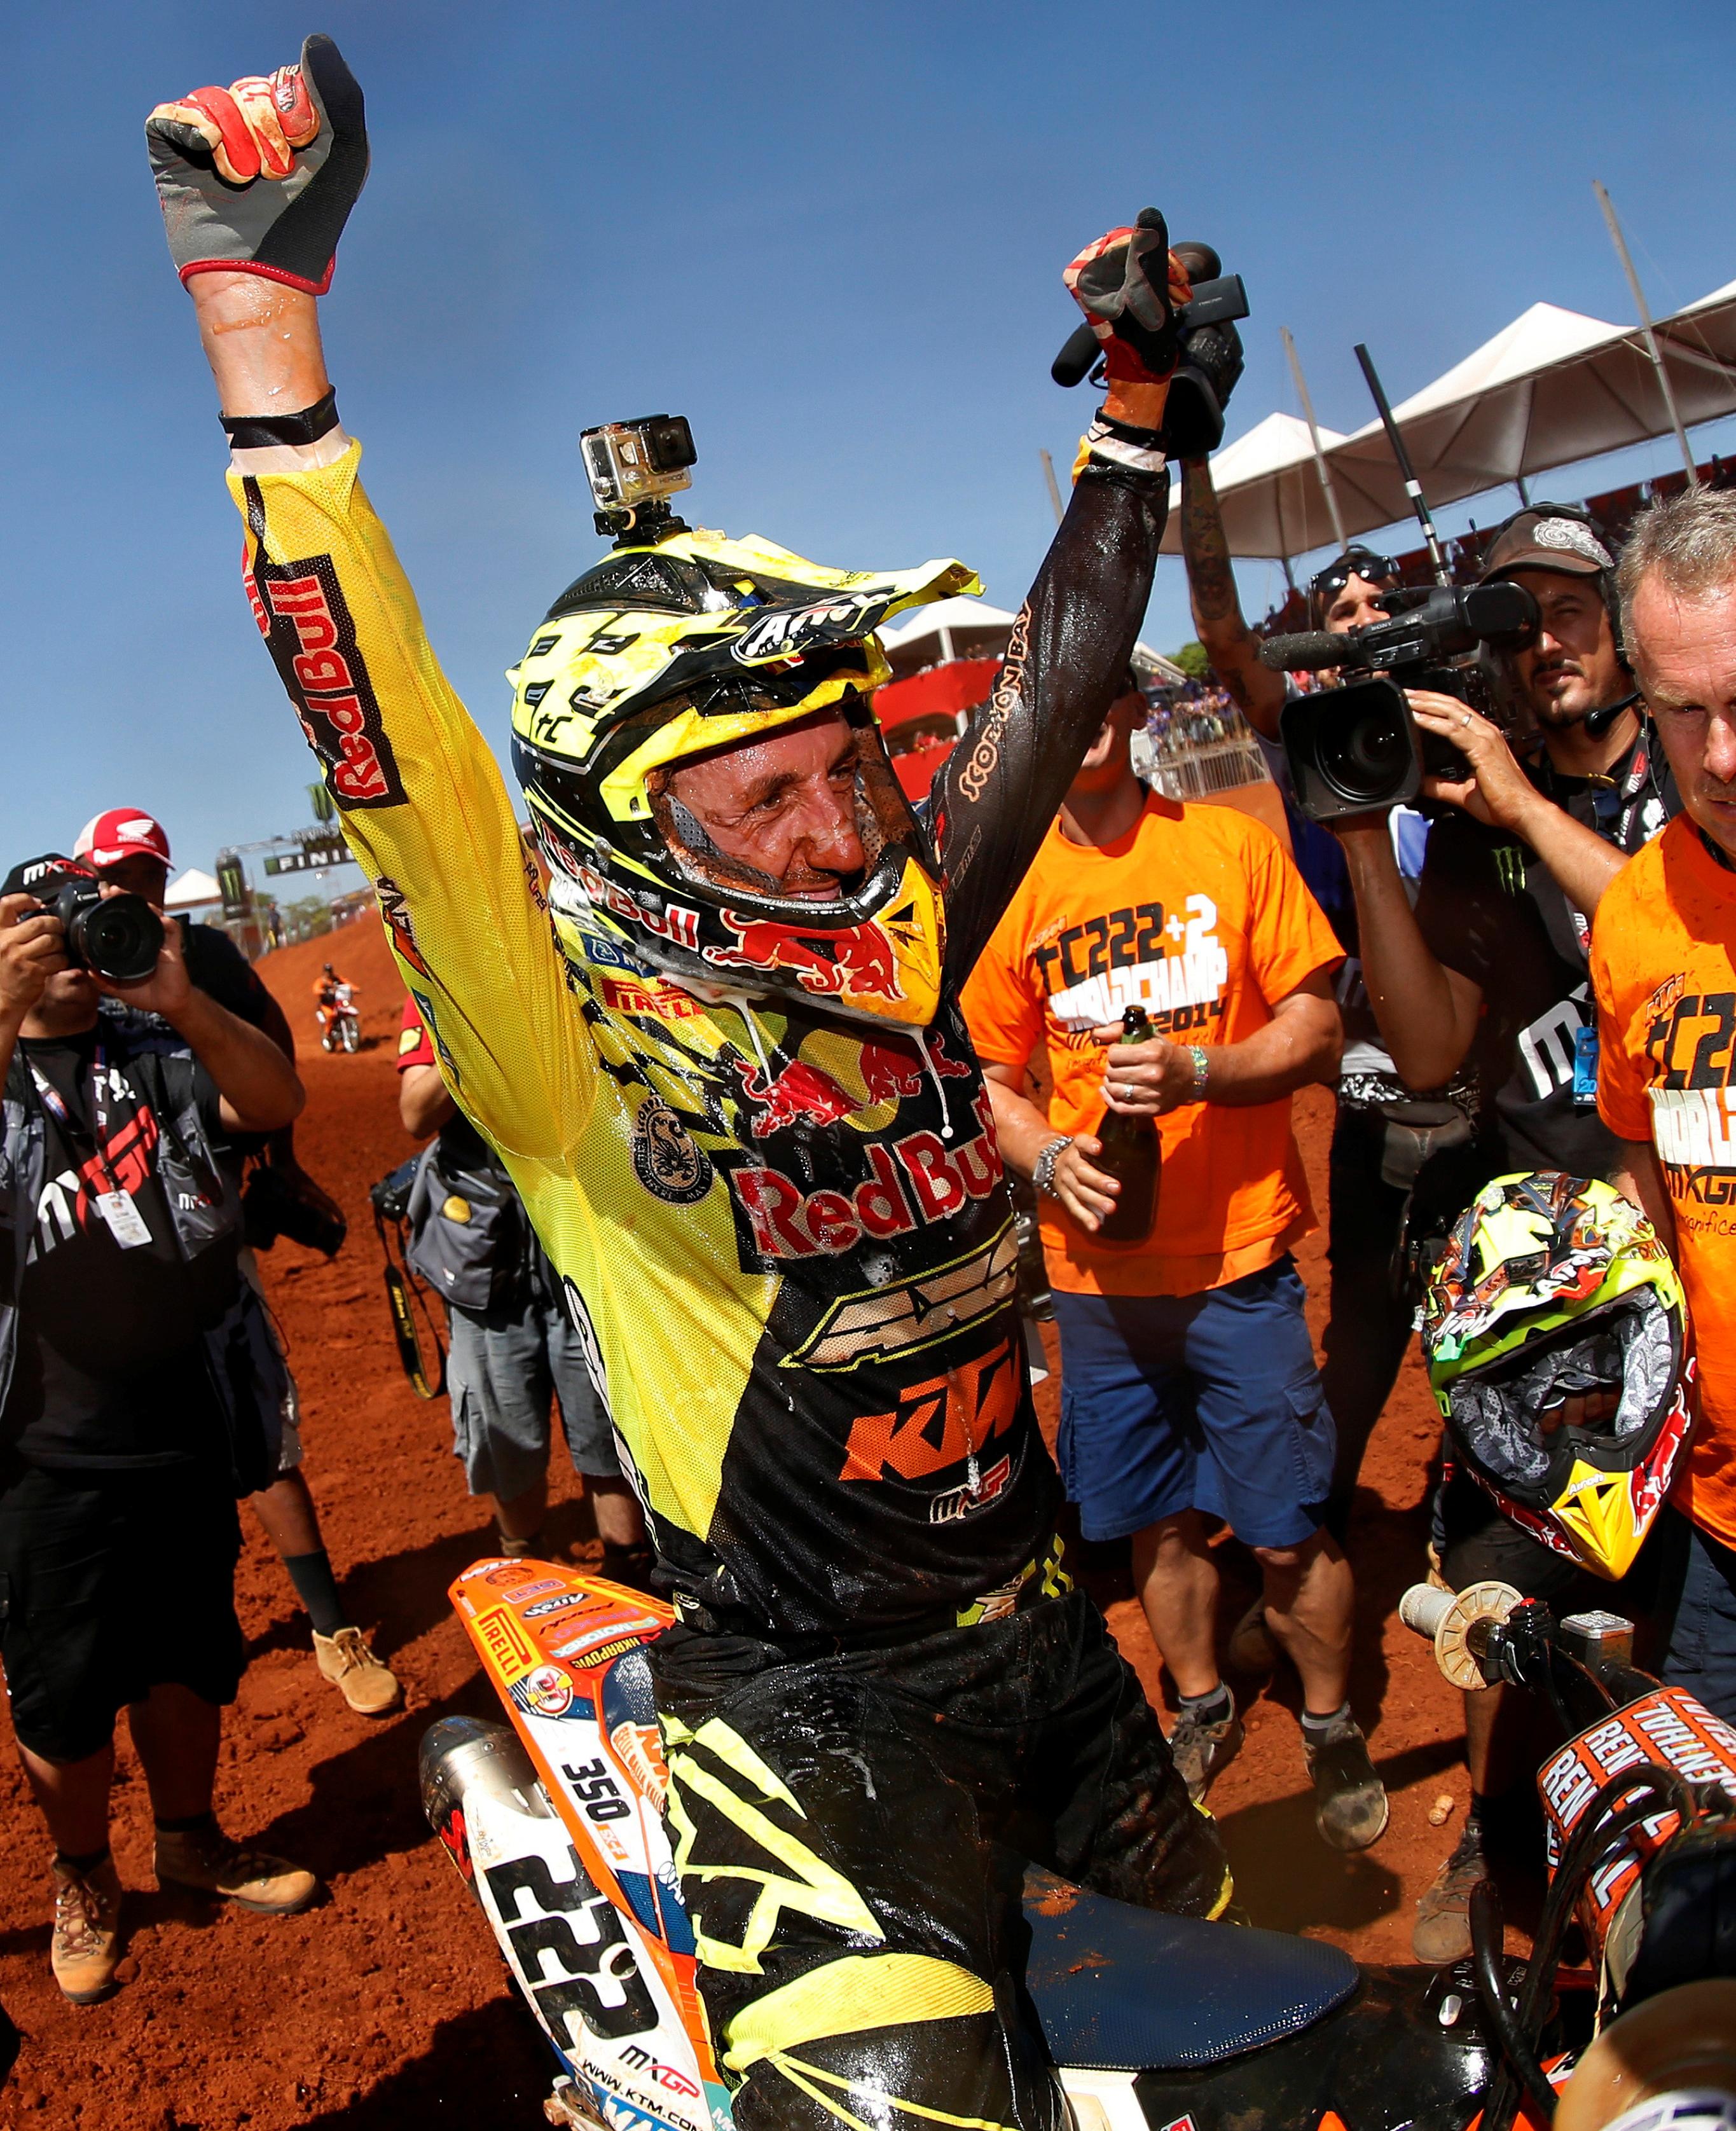 Antonio Cairoli Campione del mondo MXGP 2014 - 4